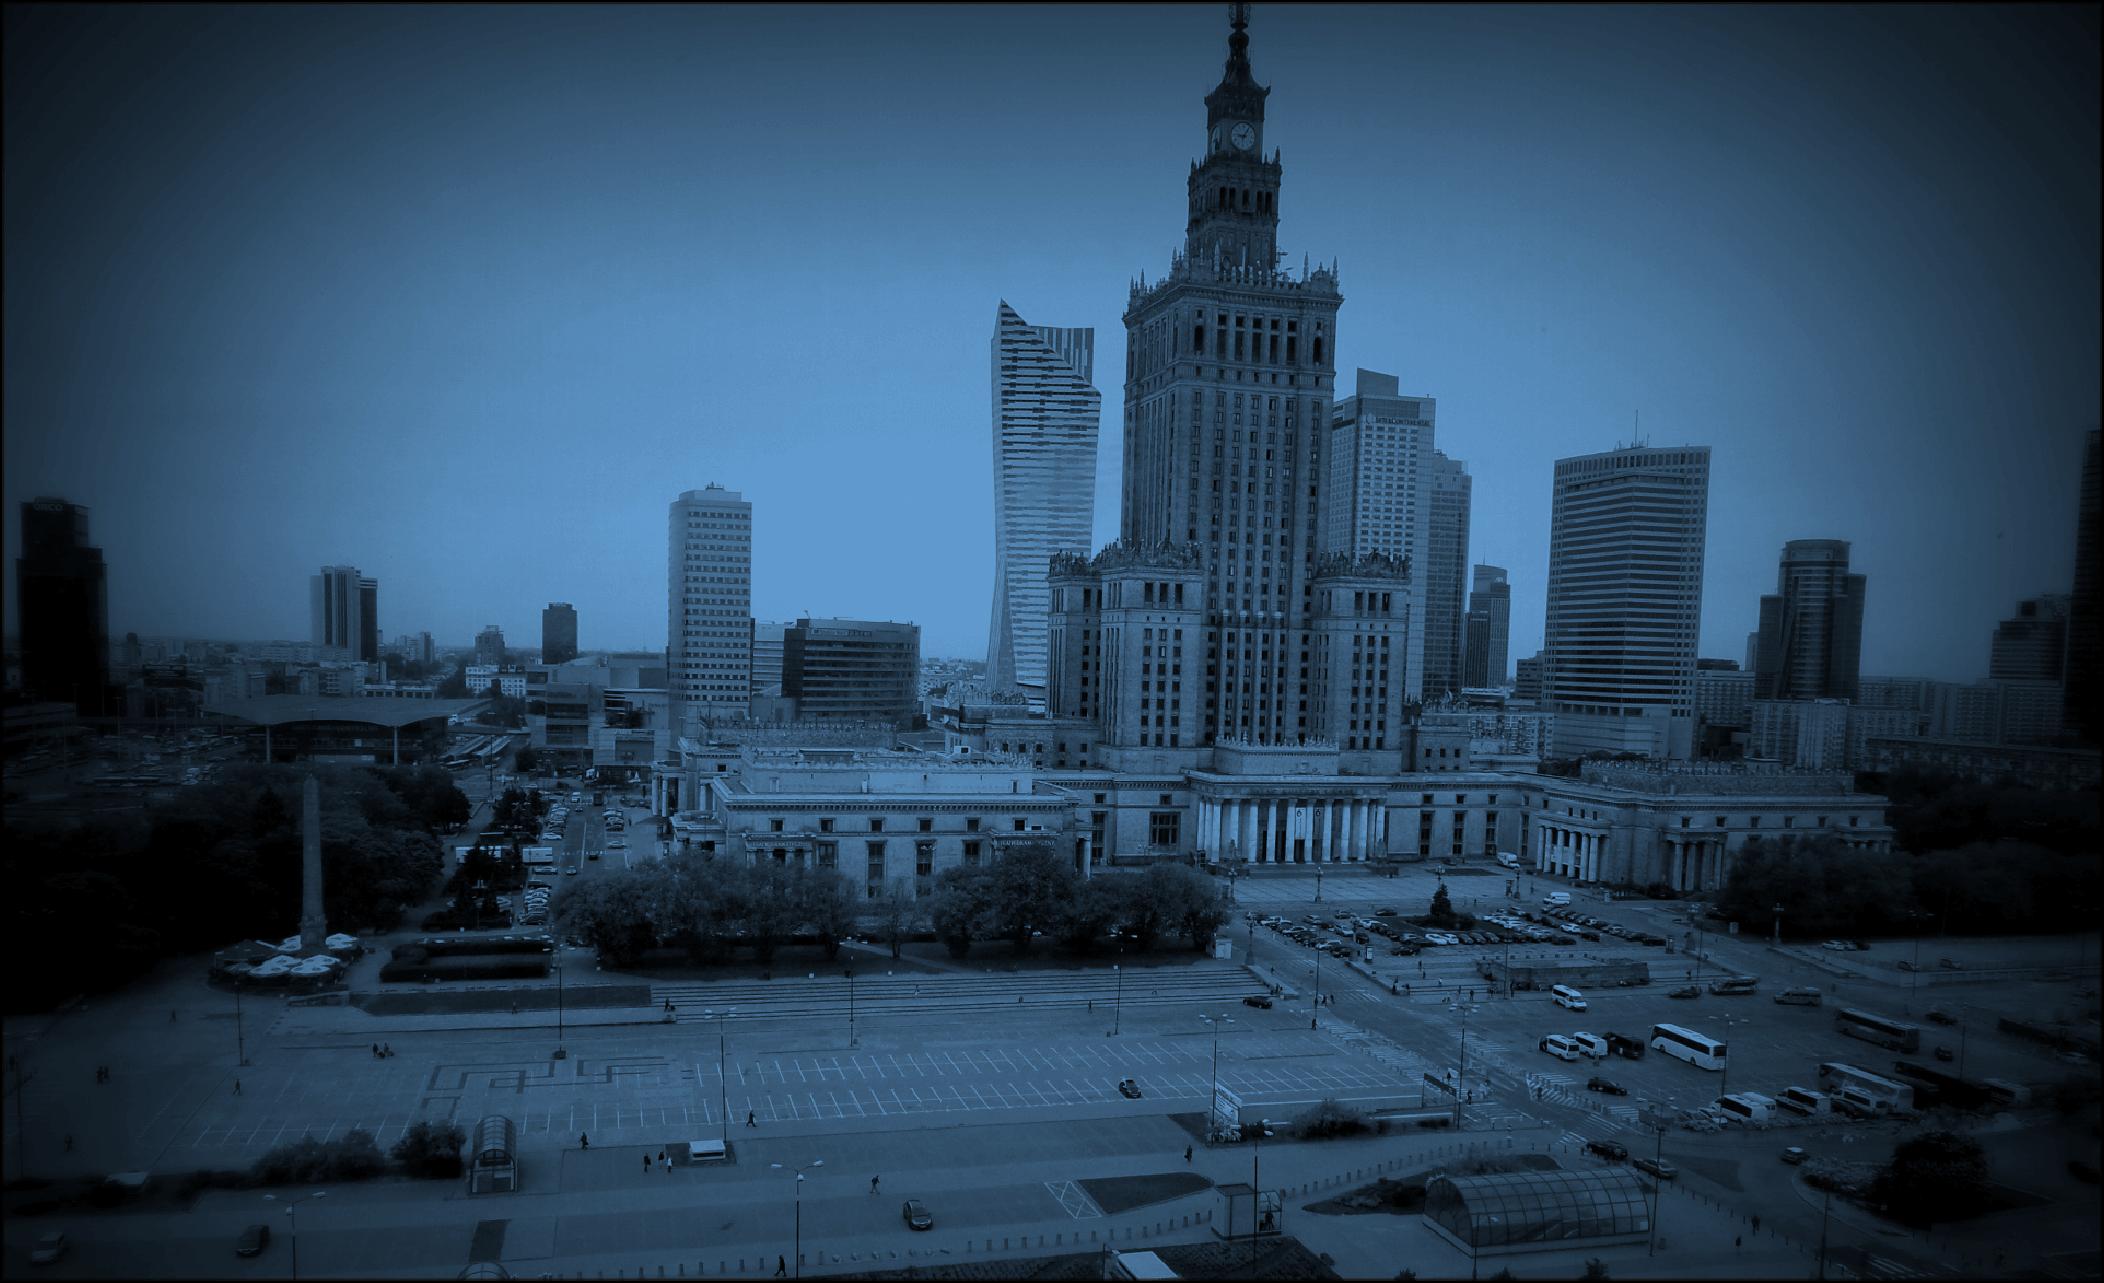 city_warsaw-wallpaper-1920x1200-2